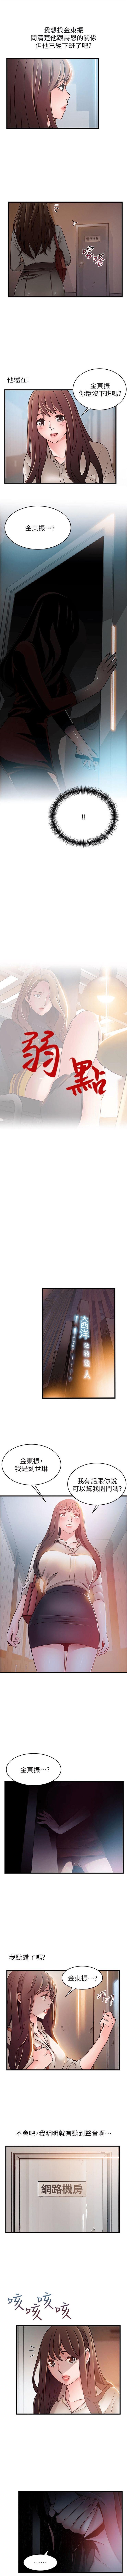 弱点 1-64 中文翻译(更新中) 341